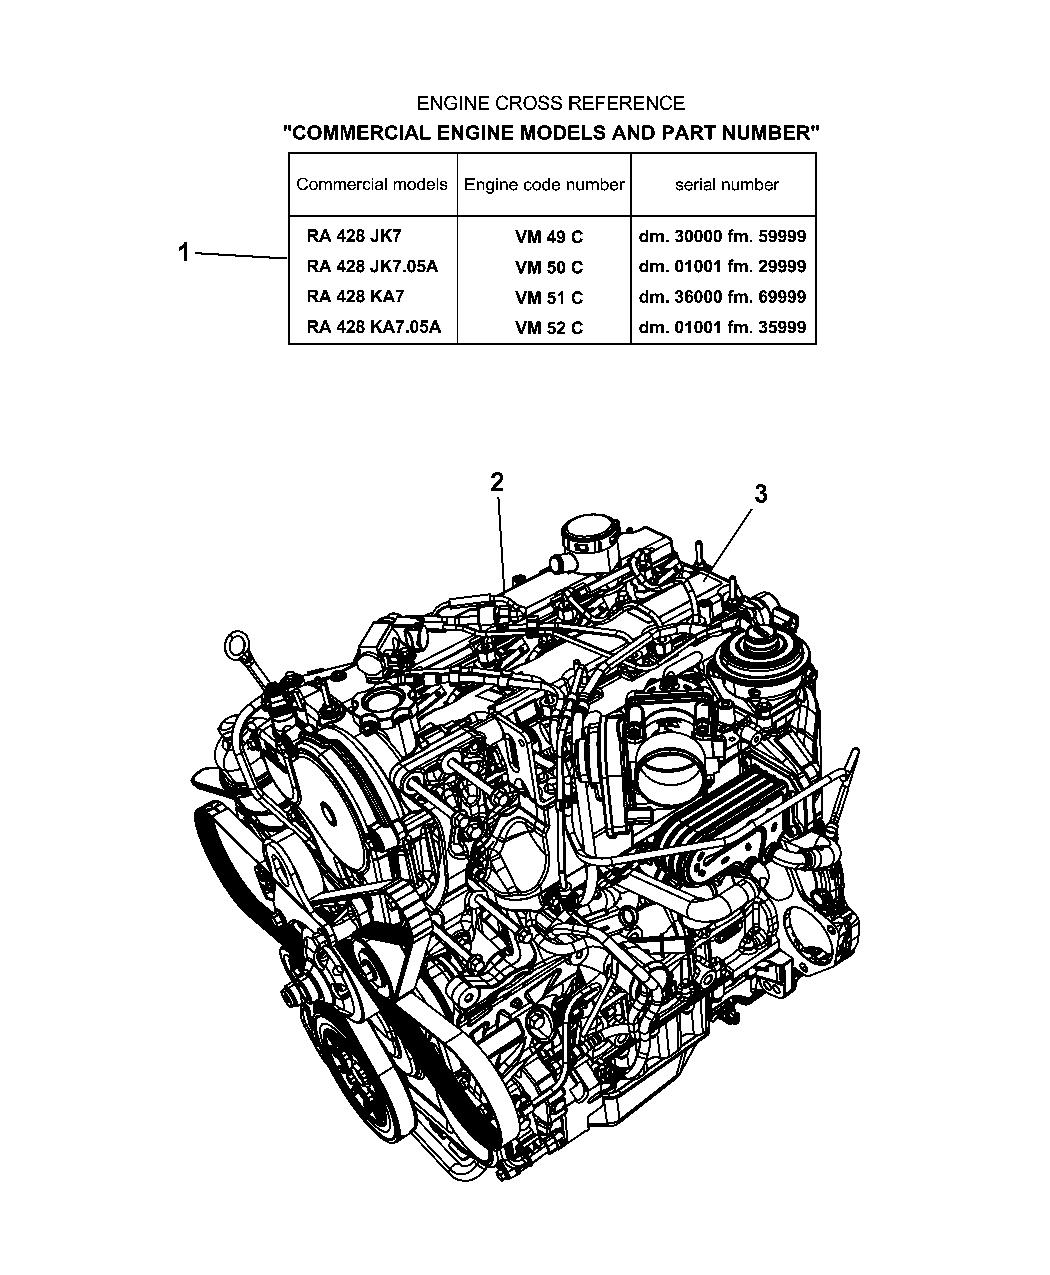 2007 Dodge Nitro Engine Assembly & Identification - Thumbnail 3